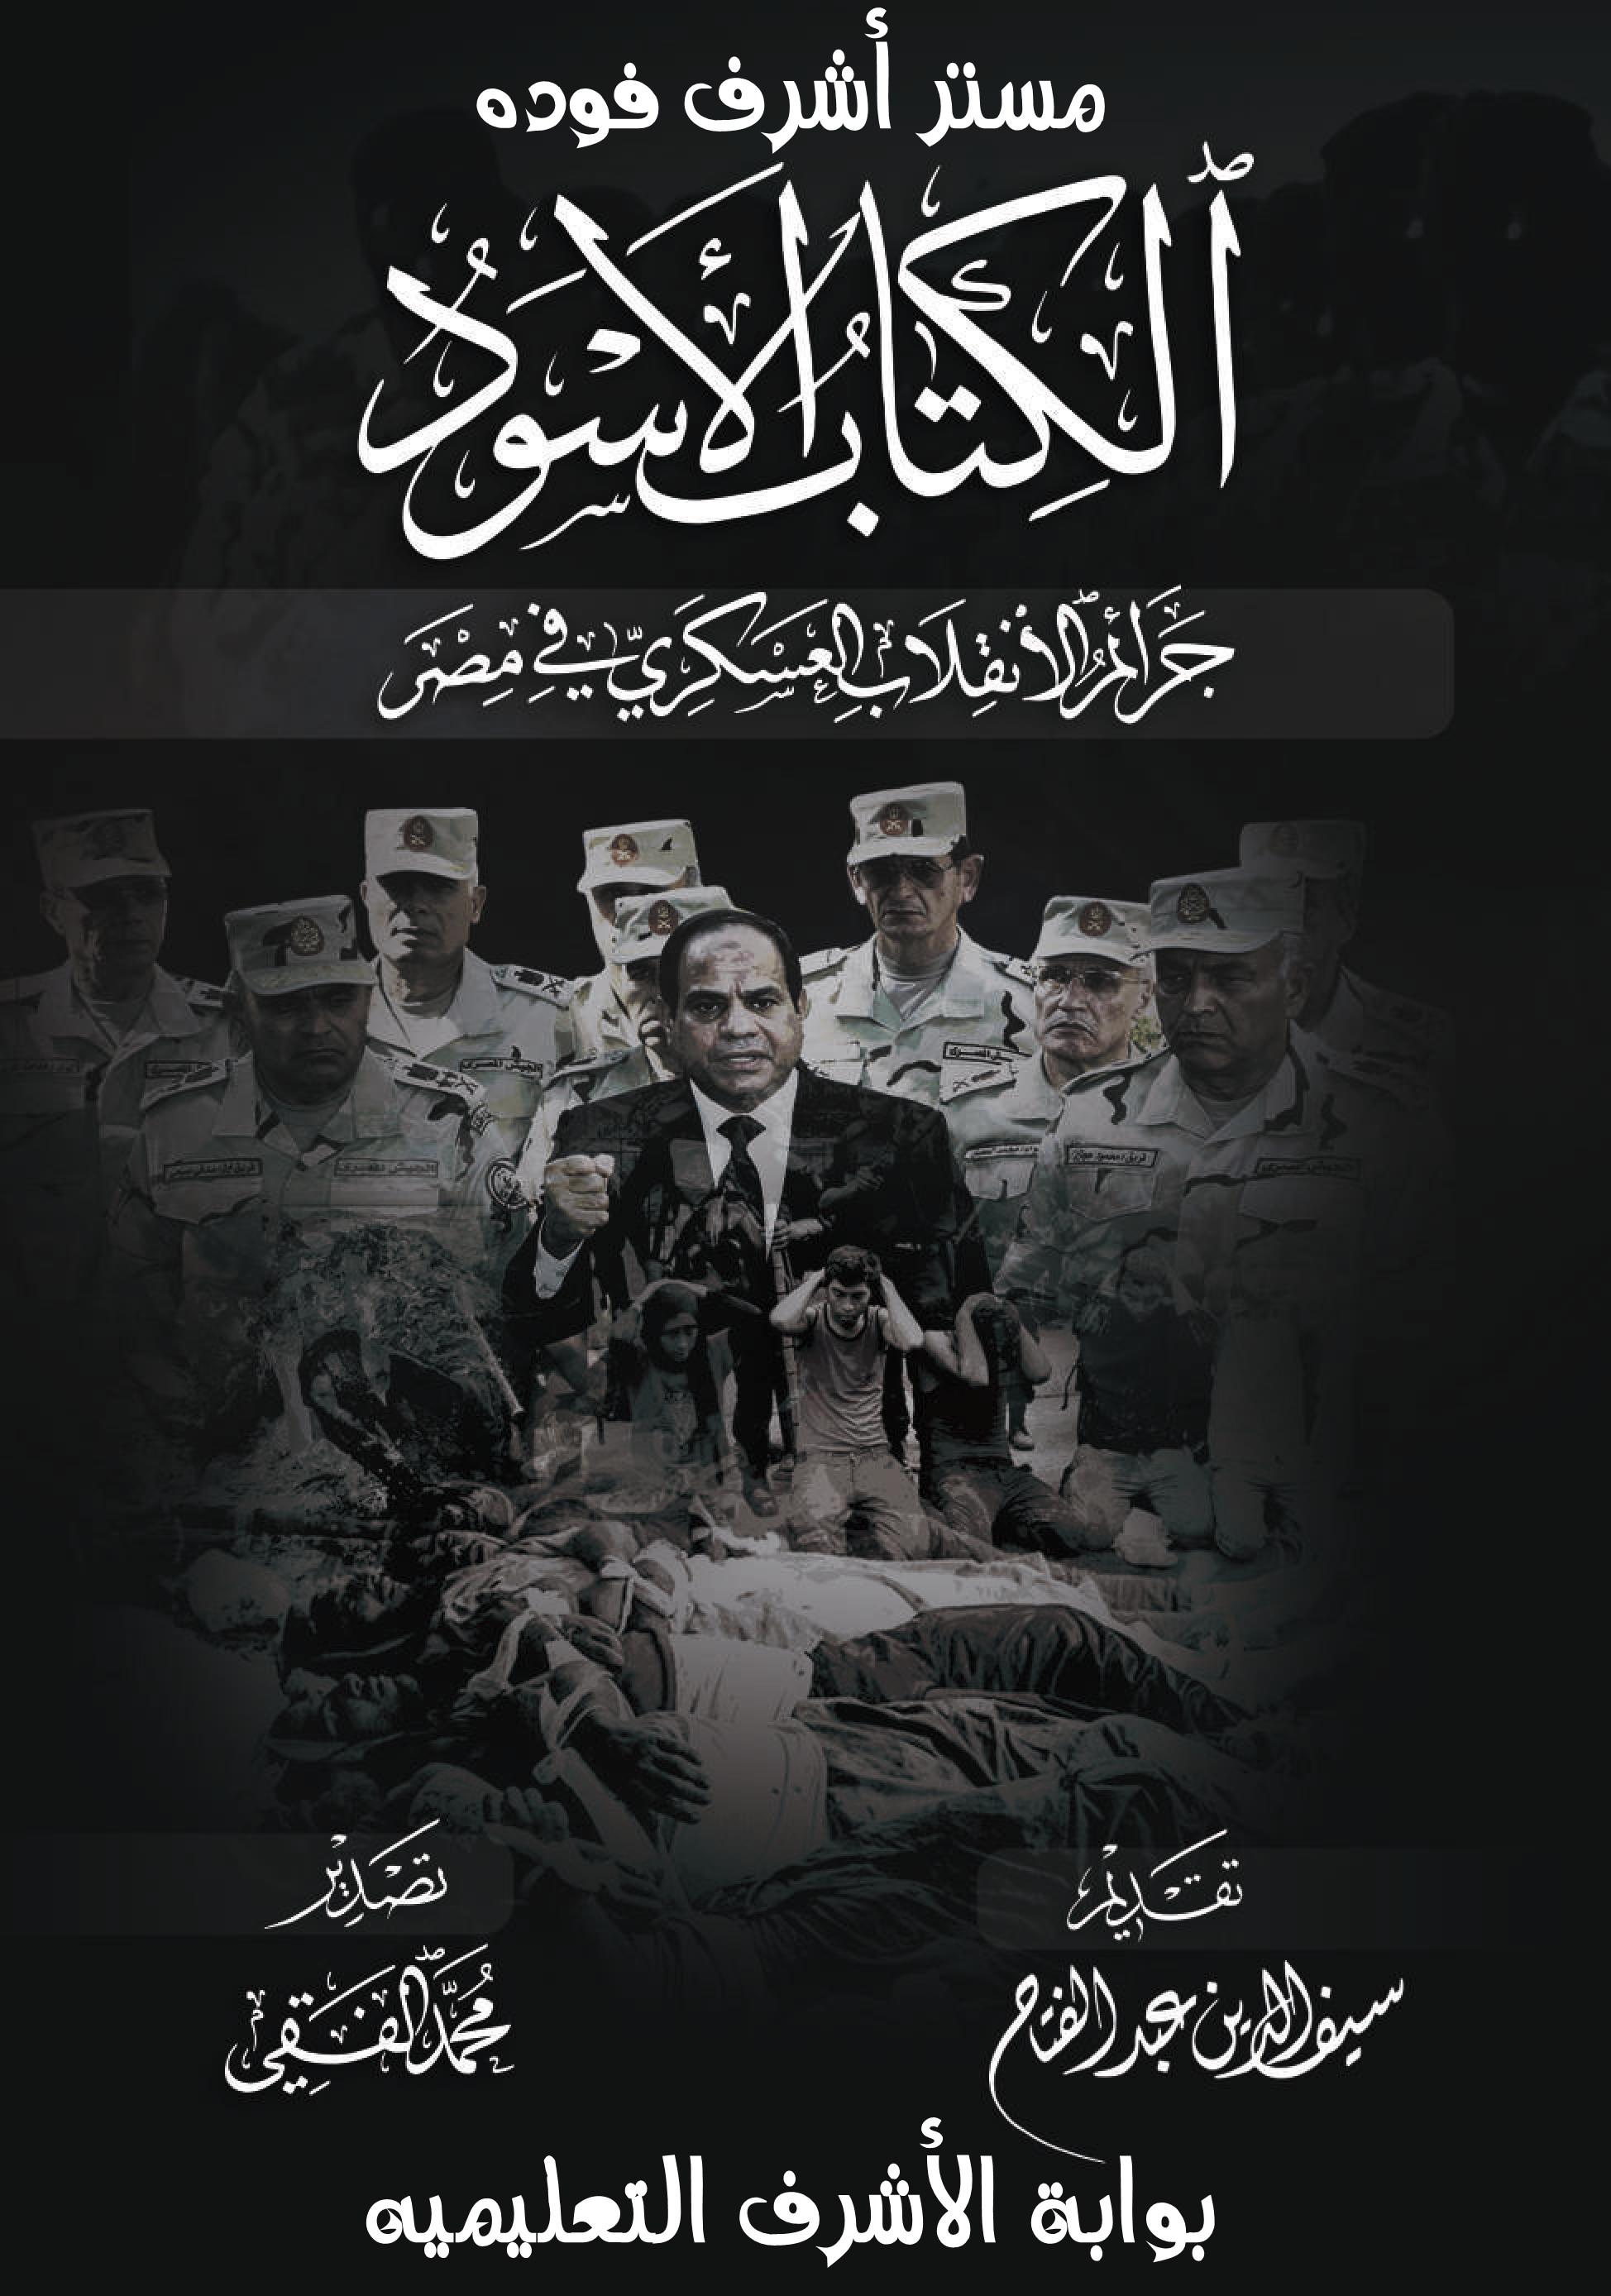 الكتاب الأسود باللغه العربيه 2018 www.alashrafedu.com1